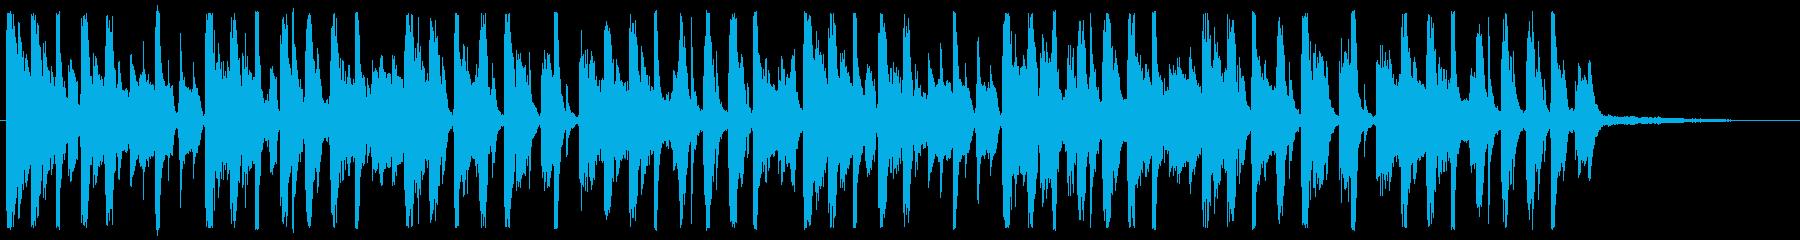 アーバン/優しさ/R&B_No468_4の再生済みの波形